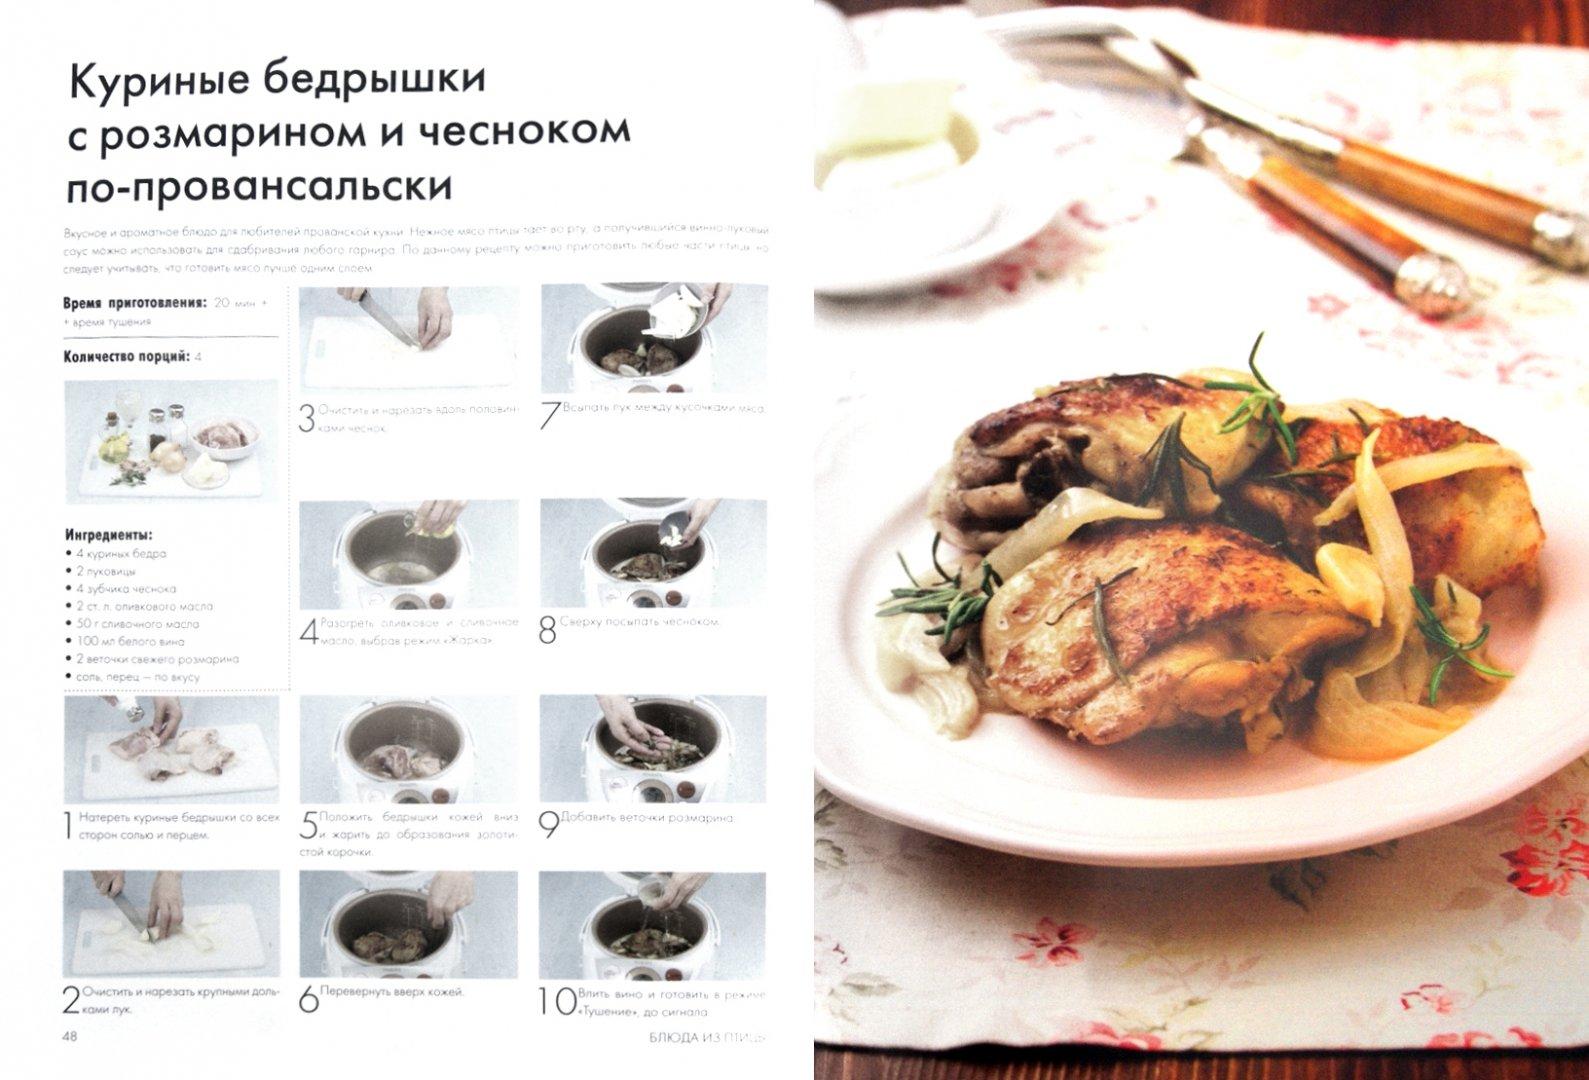 Иллюстрация 1 из 11 для 50 очень простых рецептов для мультиварки - Жанна Дятлова   Лабиринт - книги. Источник: Лабиринт